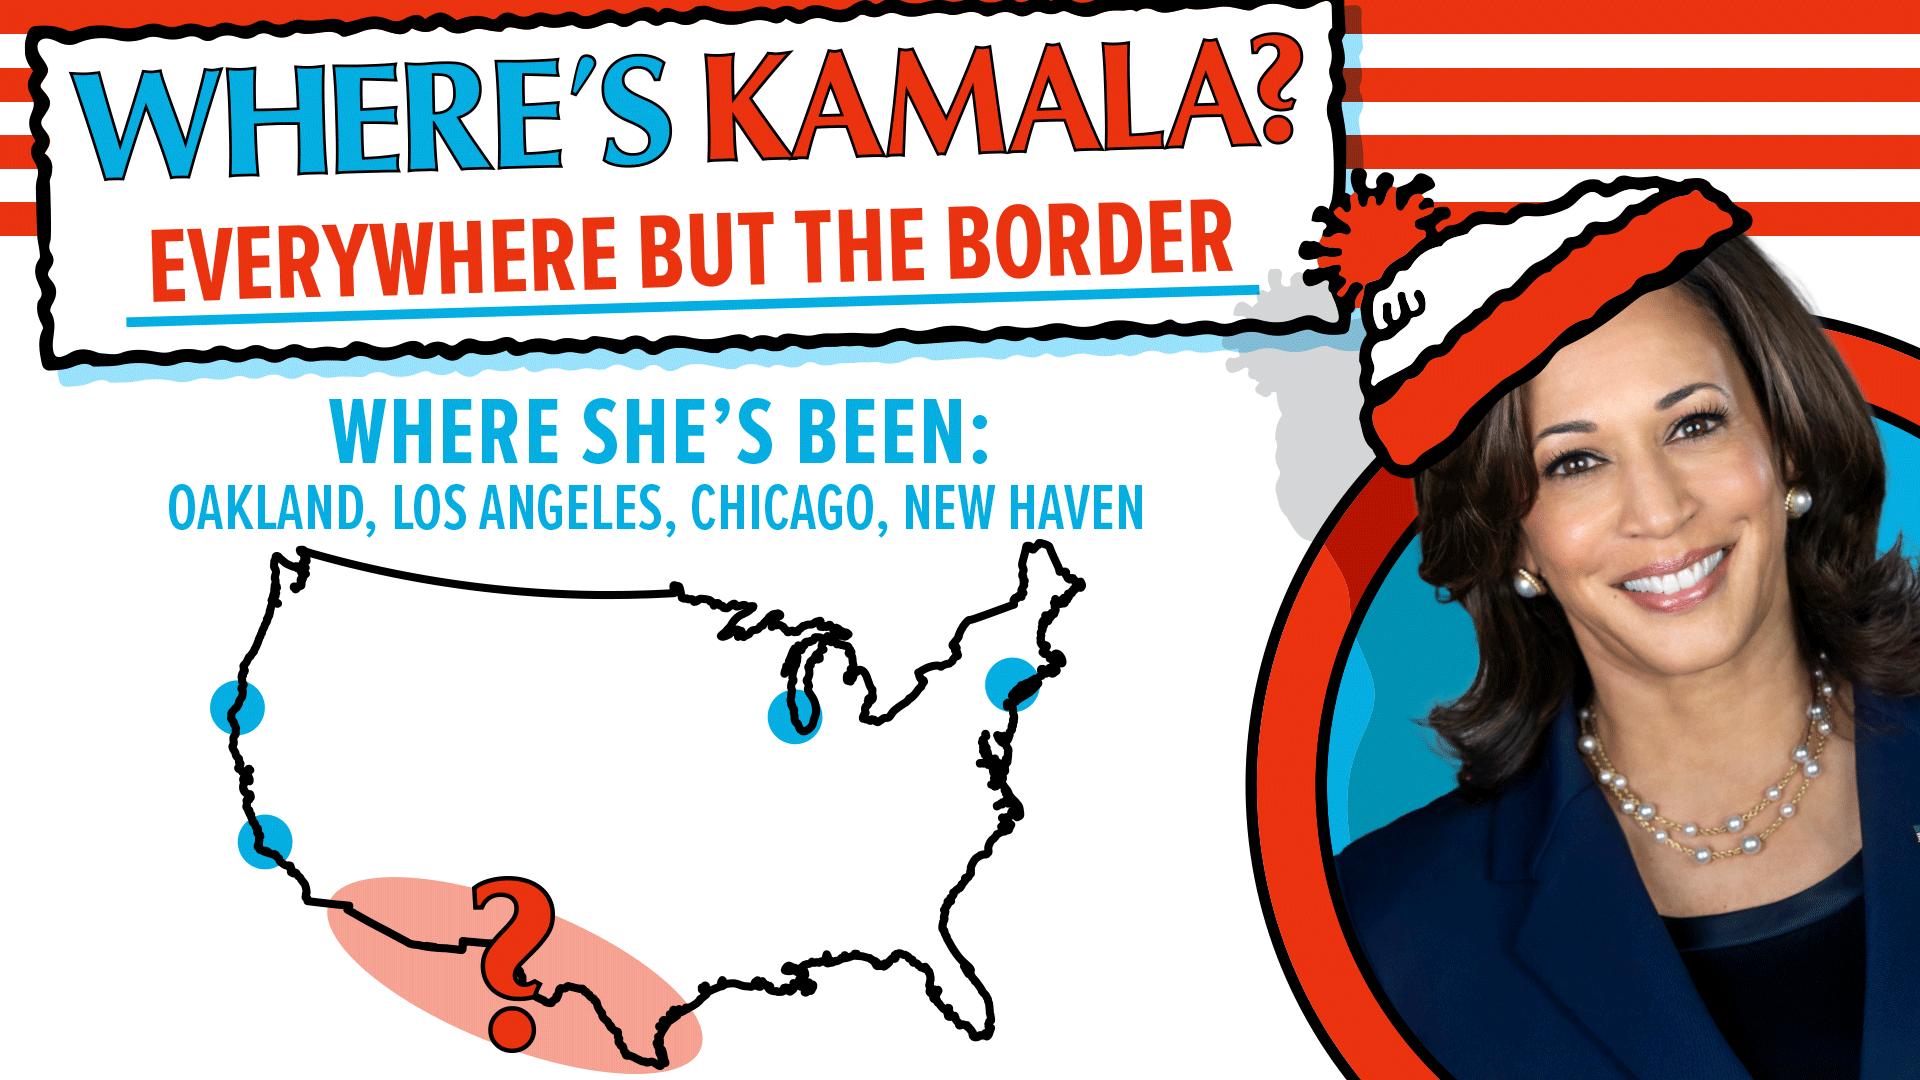 Where's Kamala? 👀